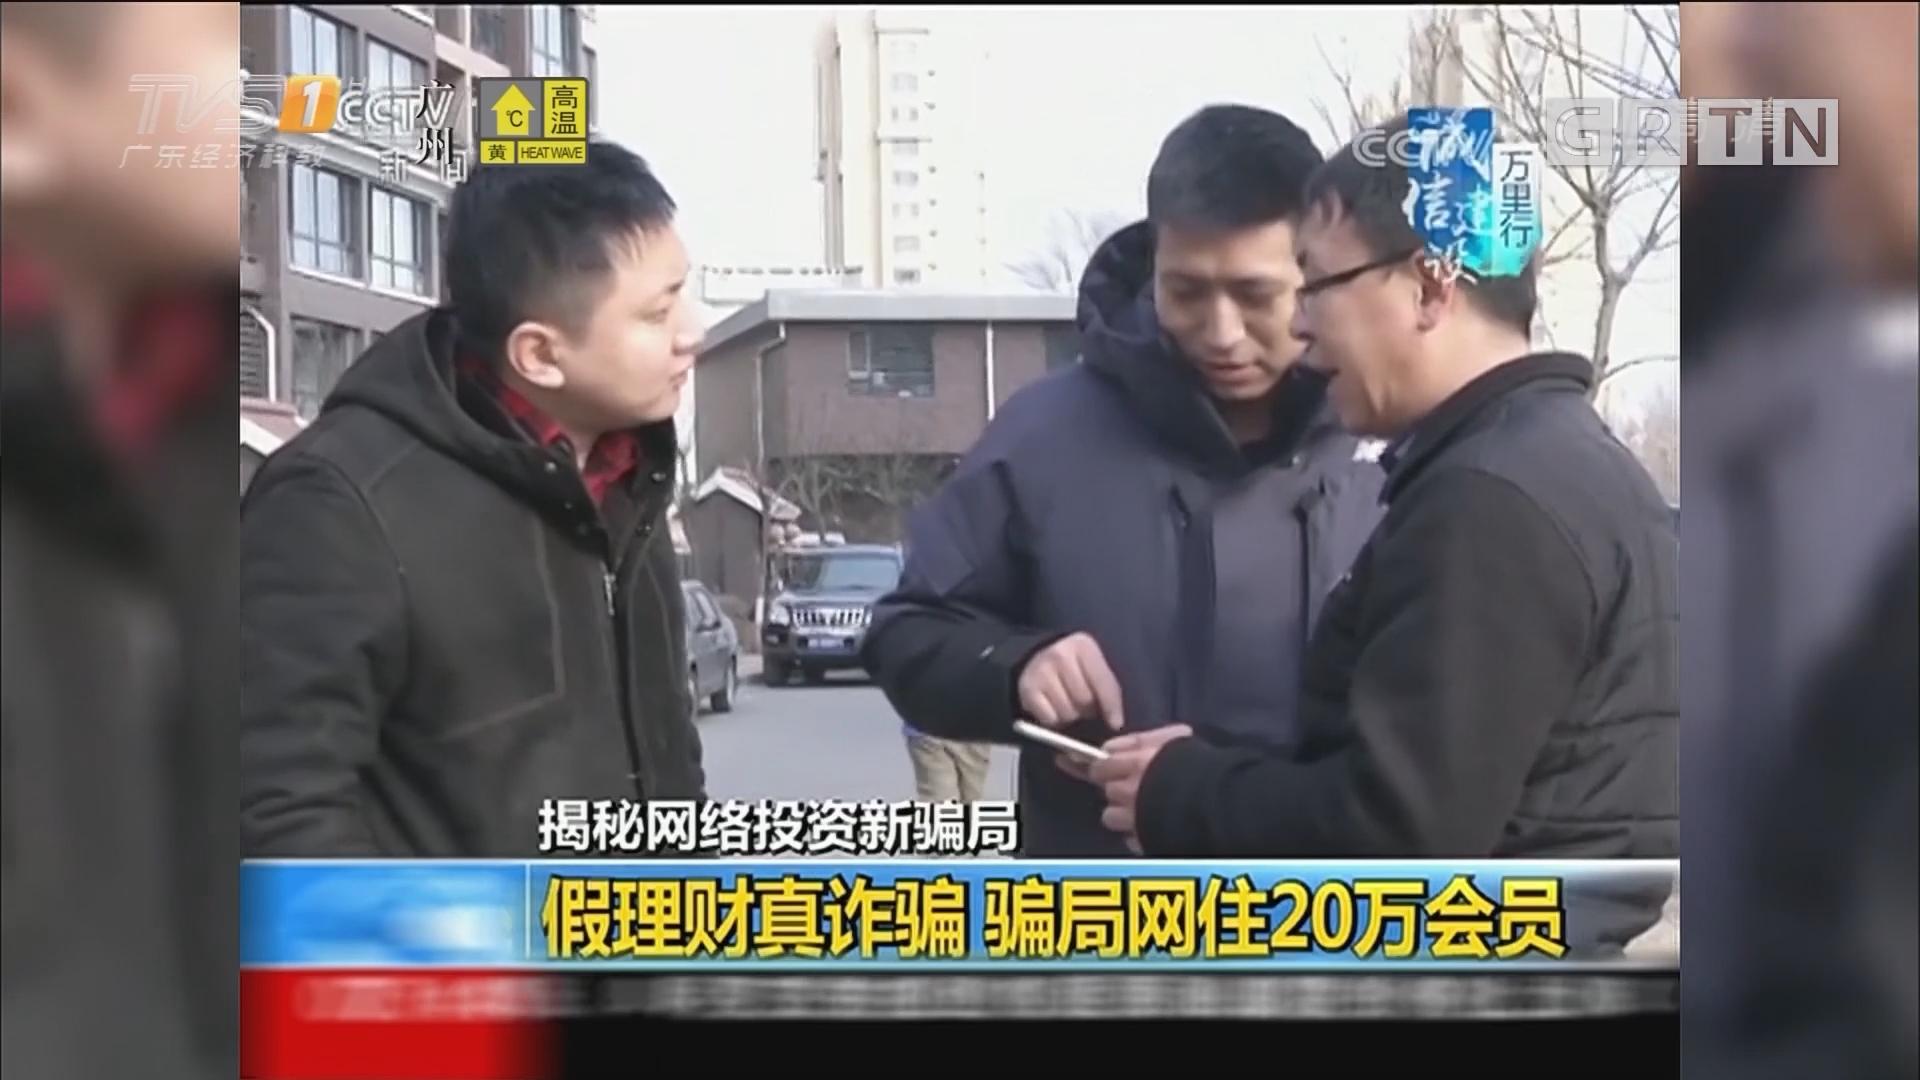 揭秘网络投资新骗局:假理财真诈骗 骗局网住20万会员